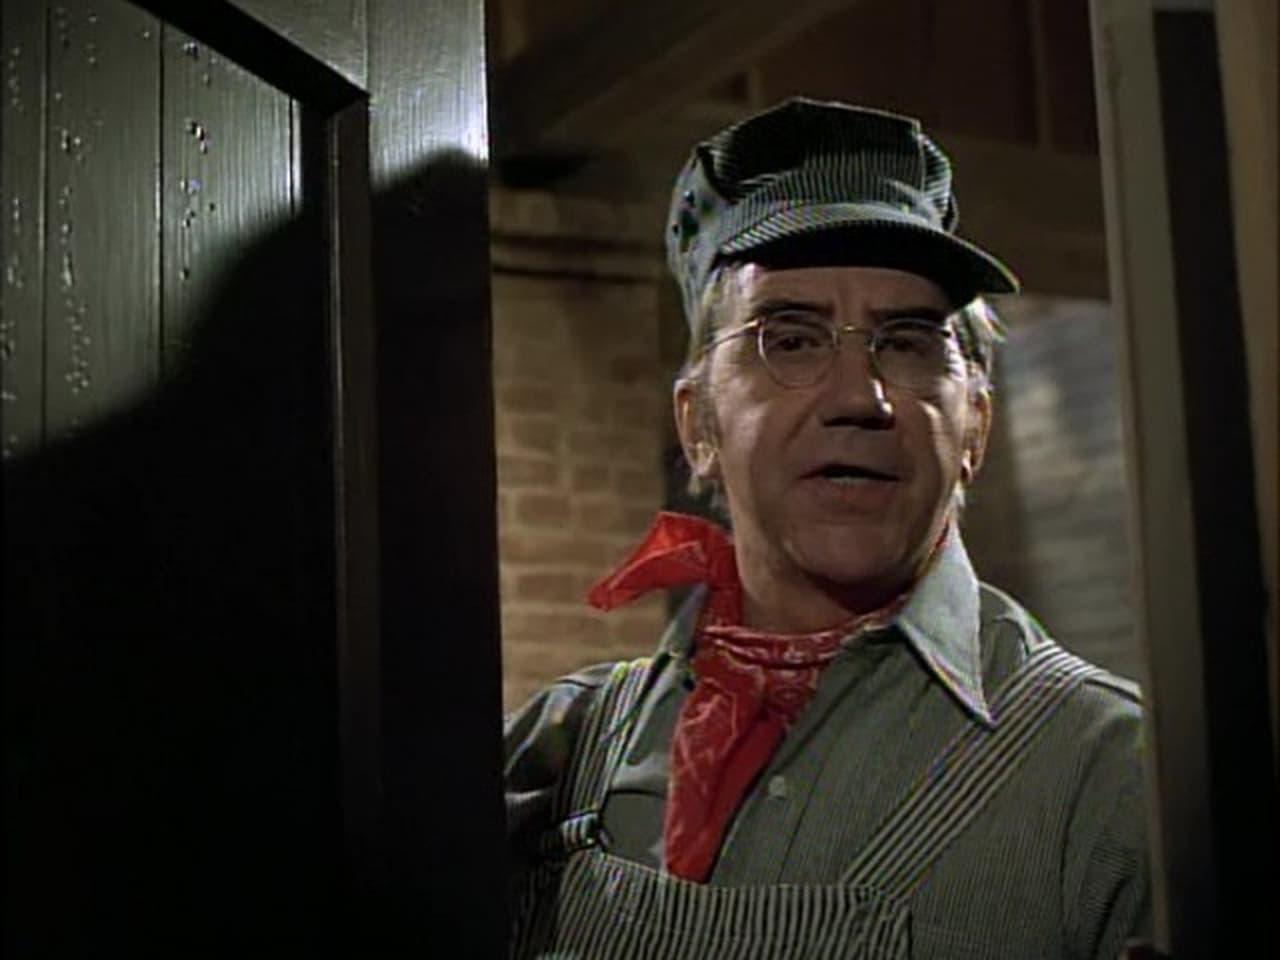 Ellery Queen Episode: The Adventure of the Eccentric Engineer